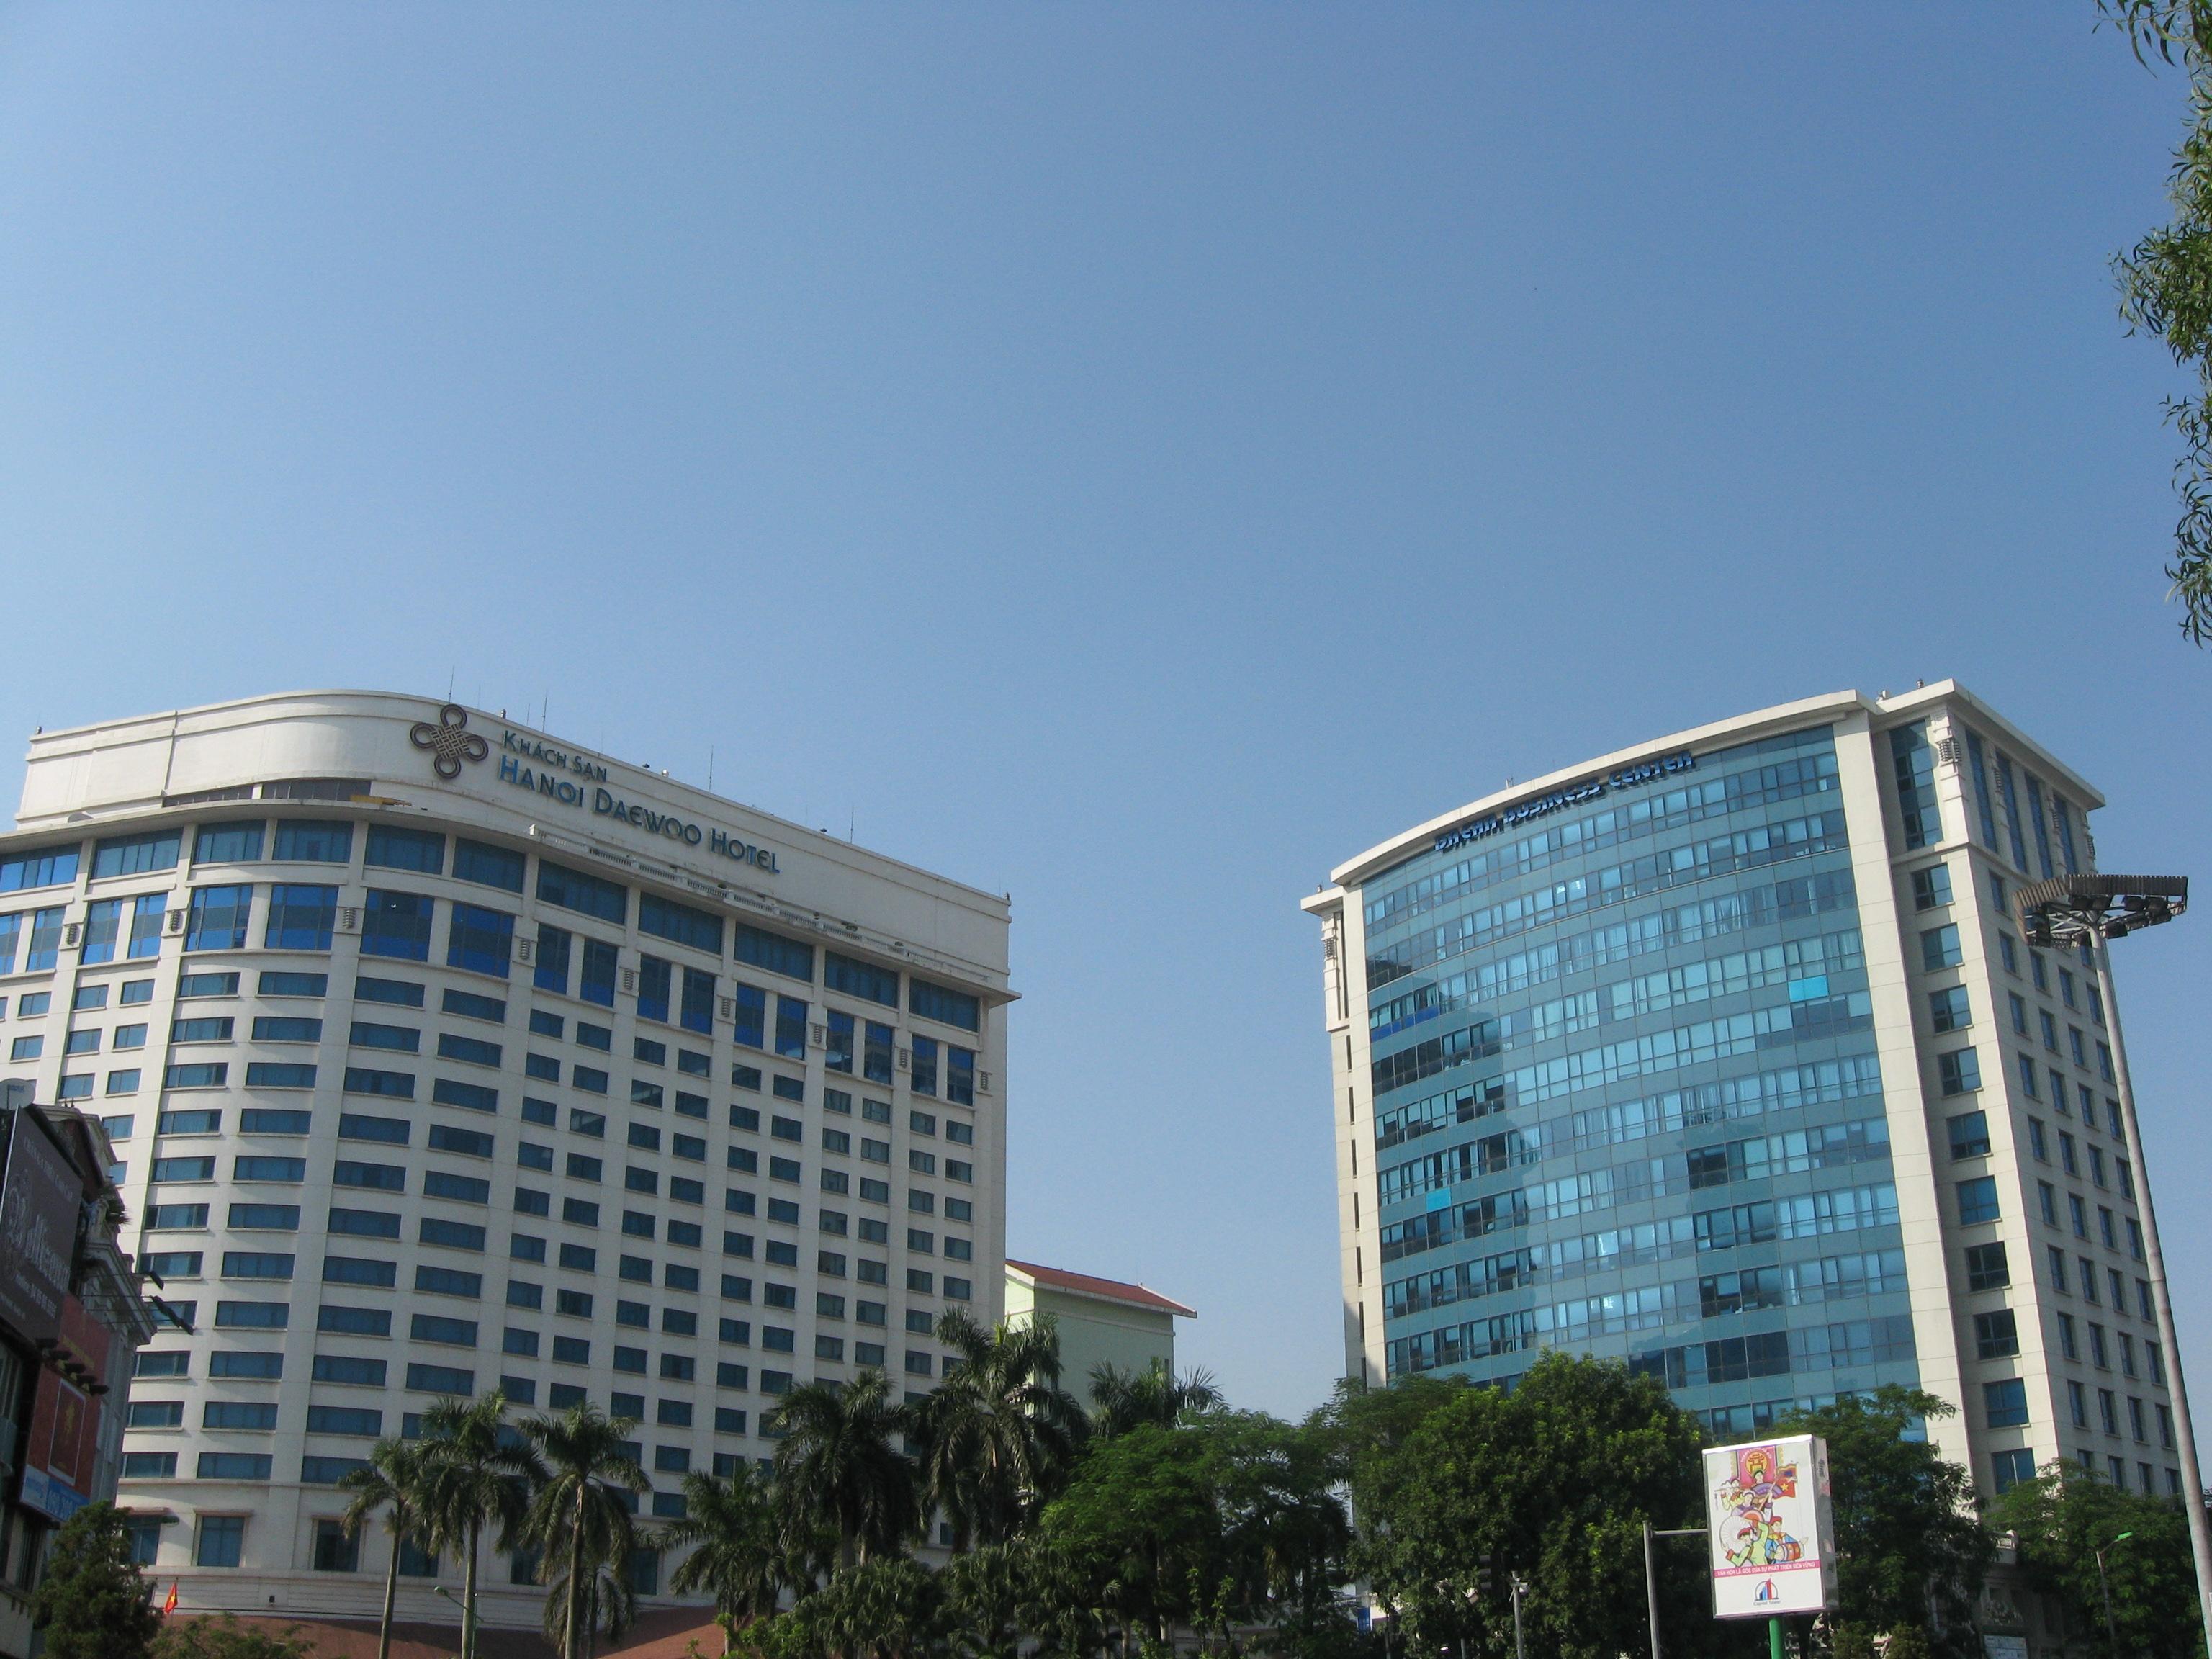 File:Hanoi Daewoo Hotel.JPG - Wikimedia Commons